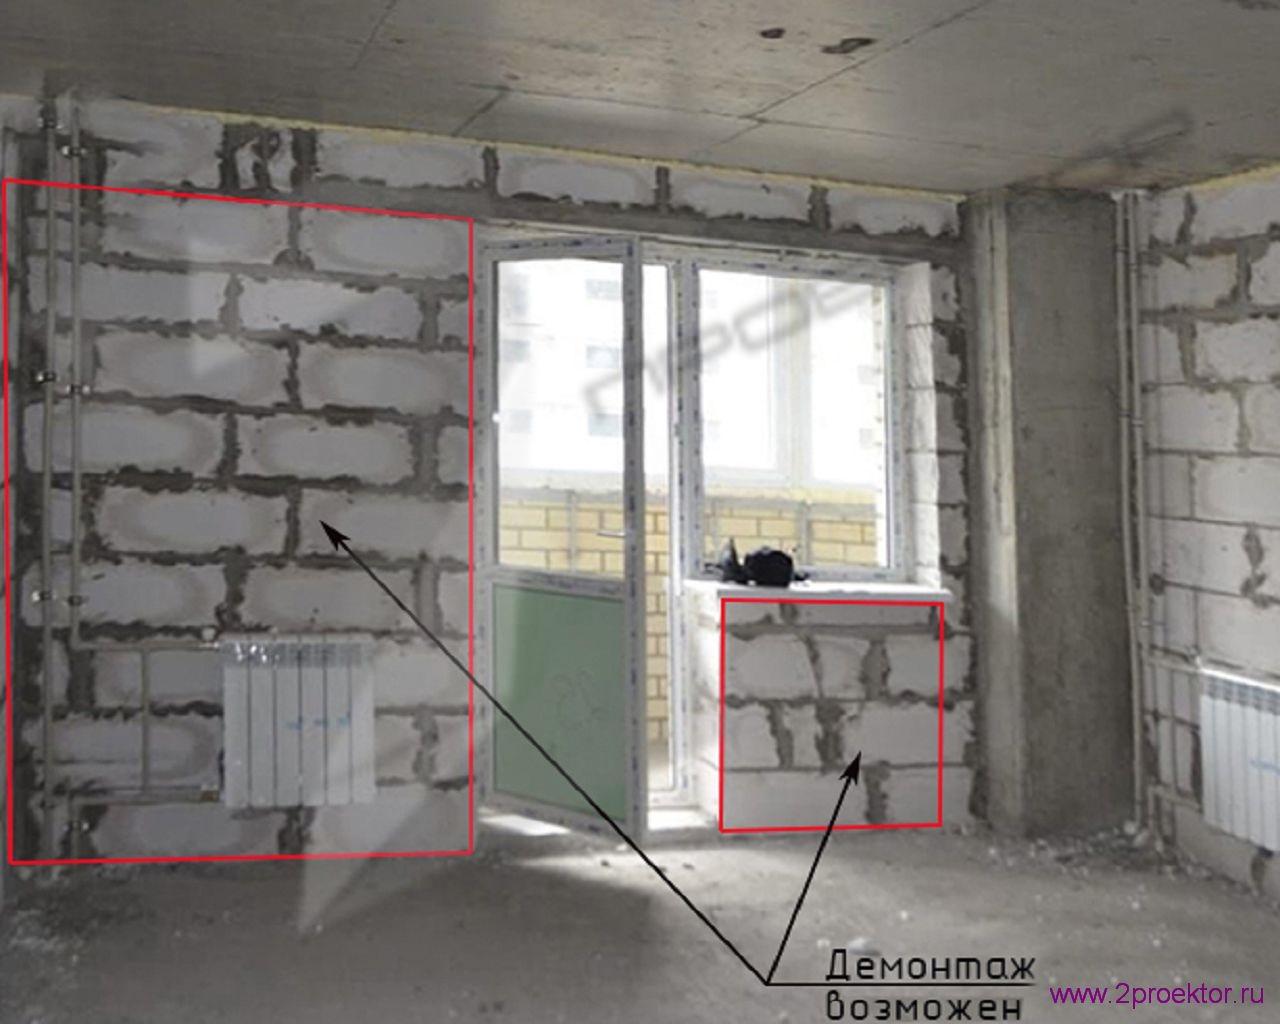 Демонтаж стены и подоконной зоны между комнатой и лоджией